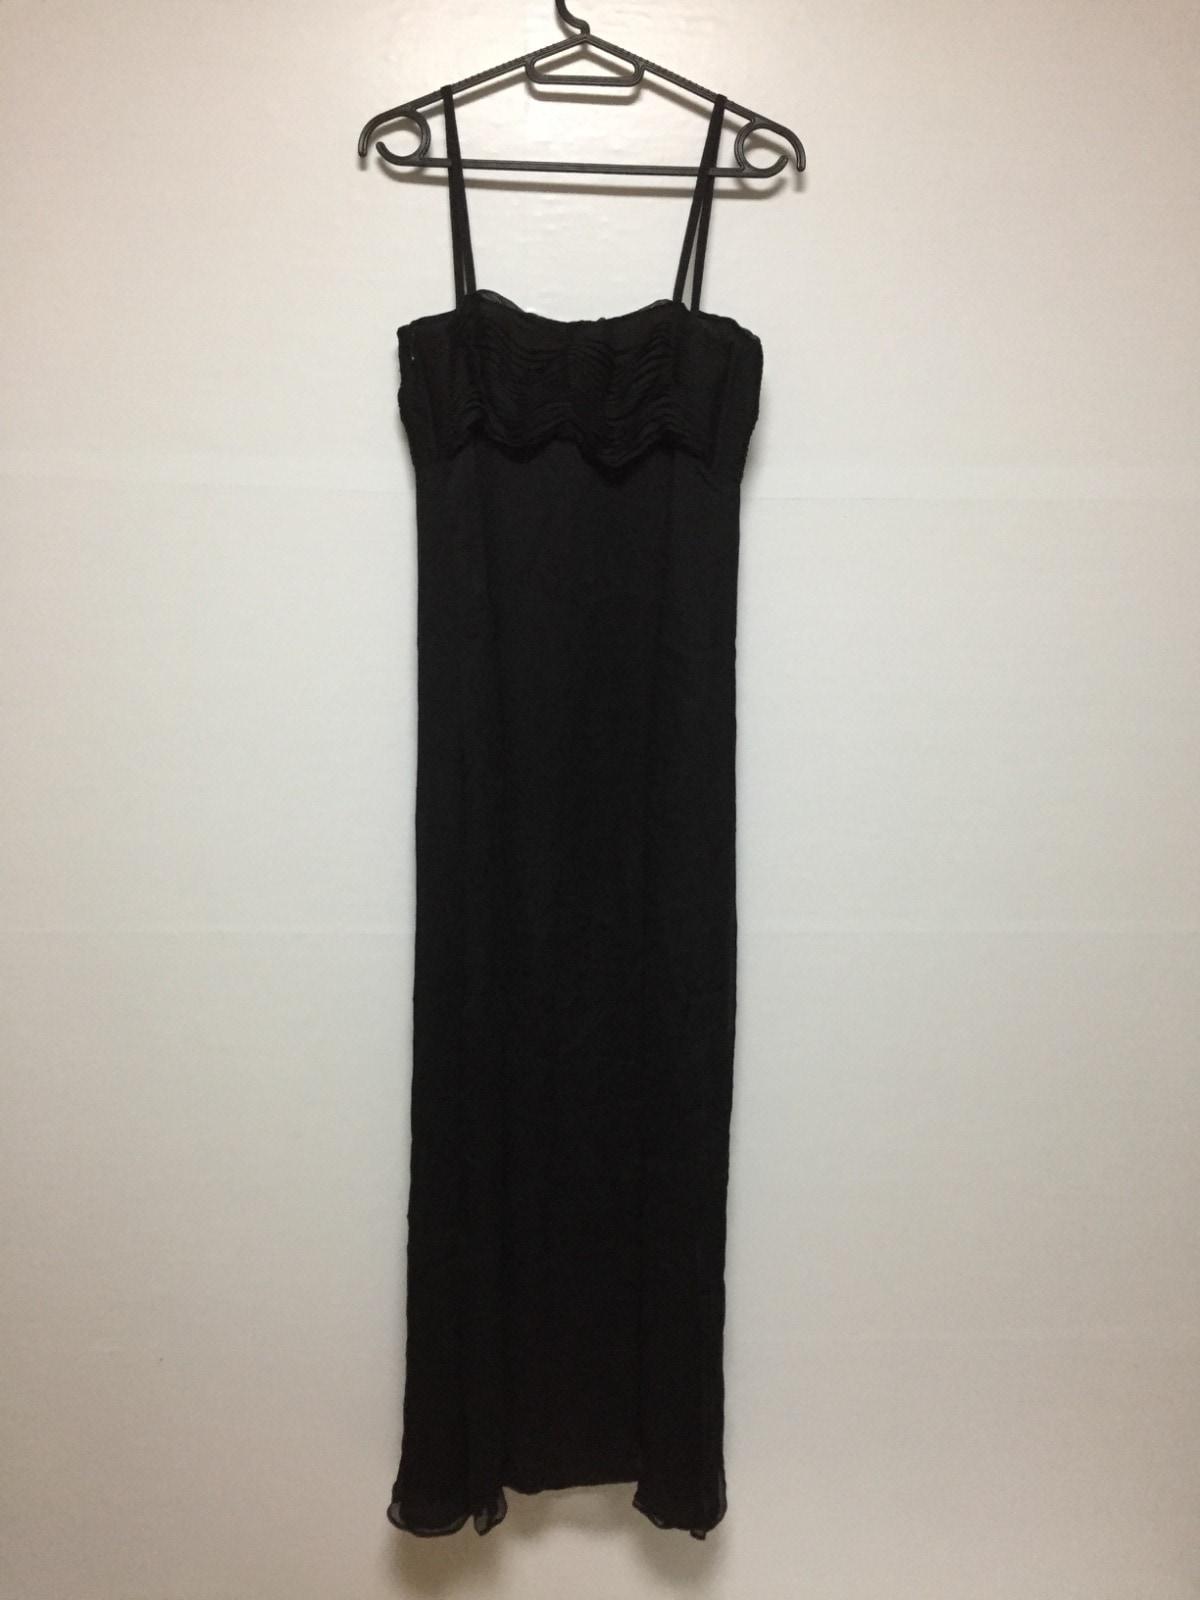 LAPERLA(ラペルラ)のドレス